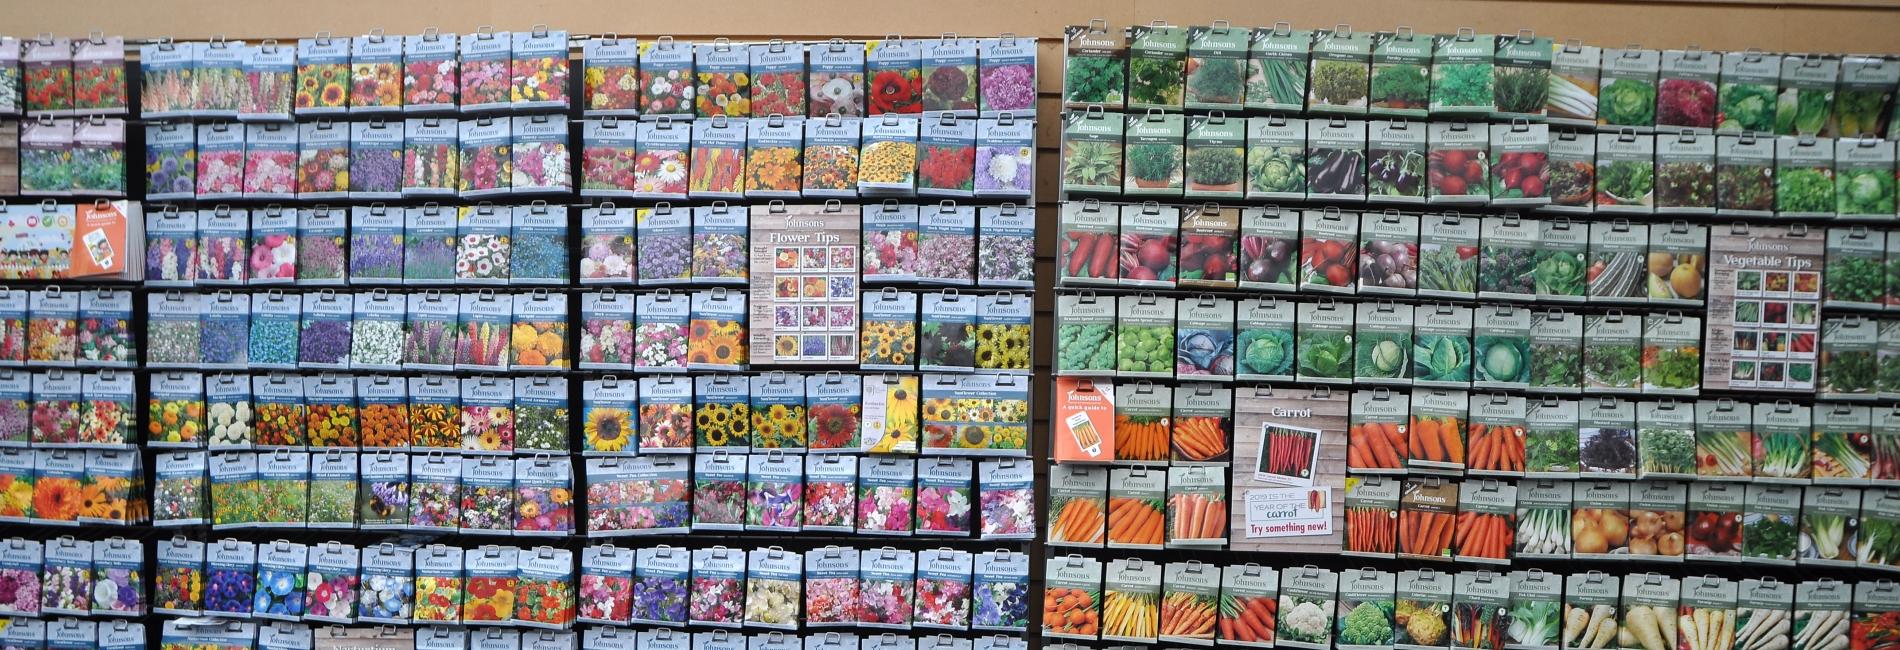 Bulbs & Seeds